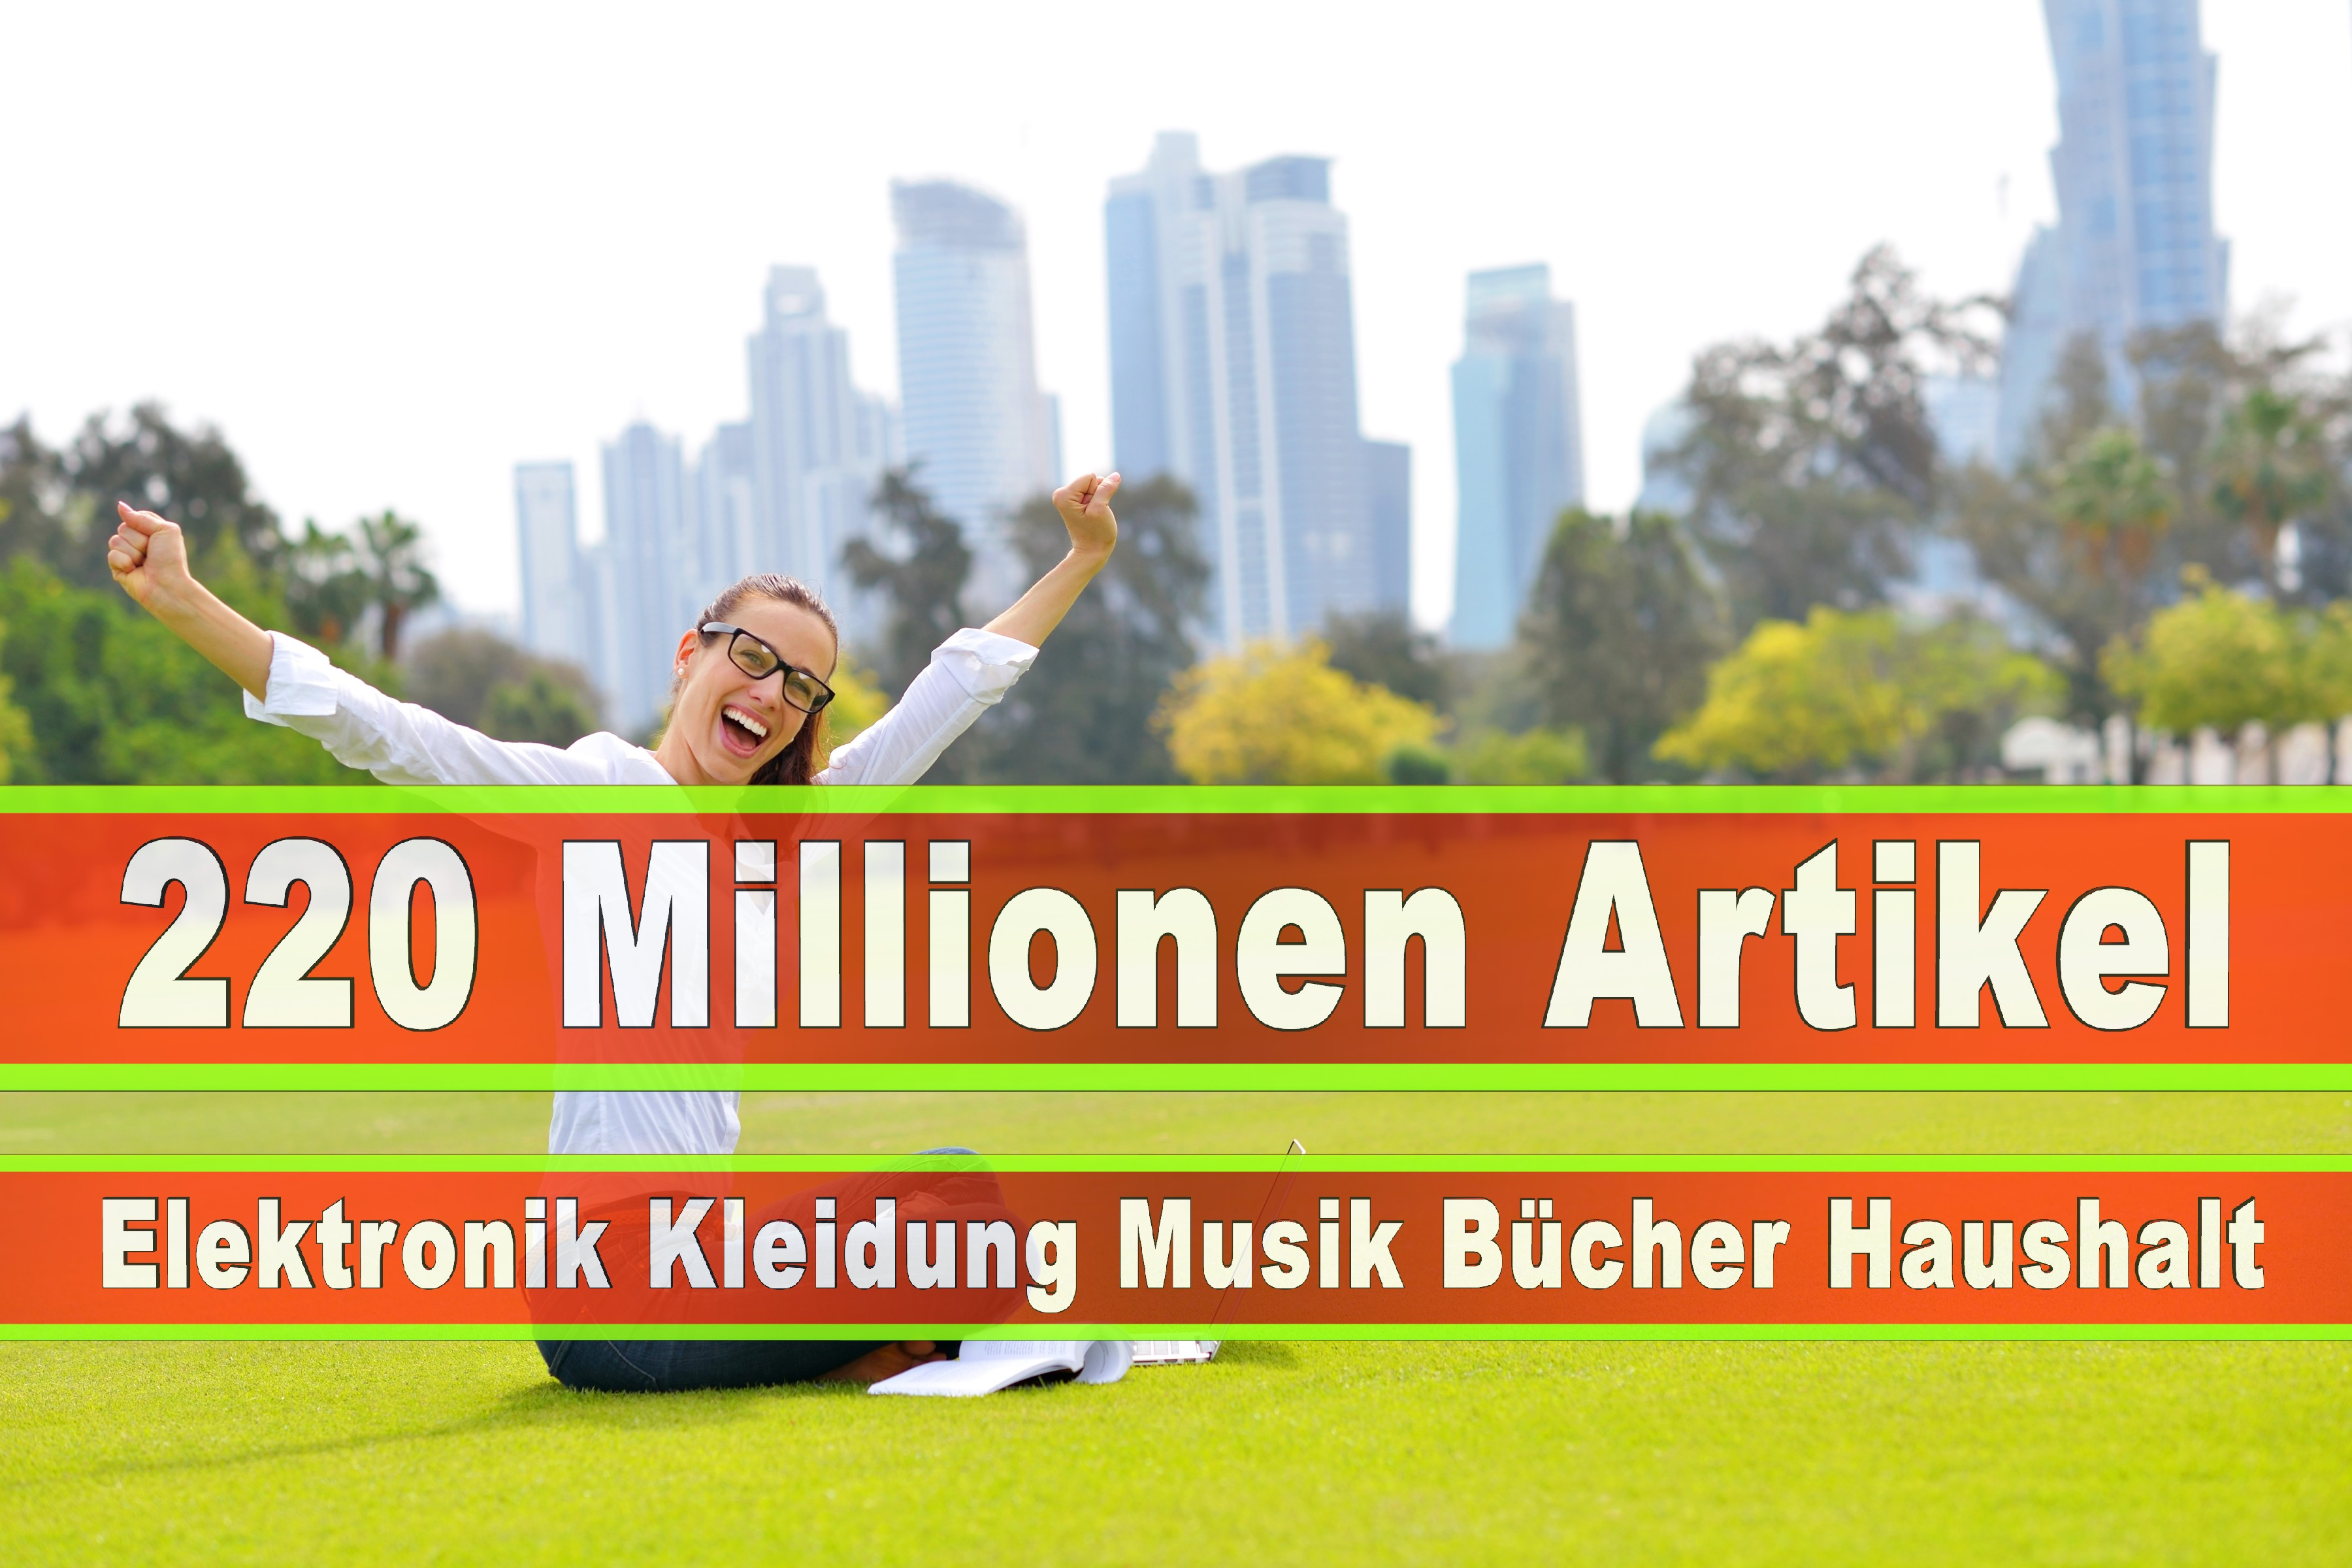 Amazon Elektronik Musik Haushalt Bücher CD DVD Handys Smartphones TV Television Fernseher Kleidung Mode Ebay Versandhaus (7)